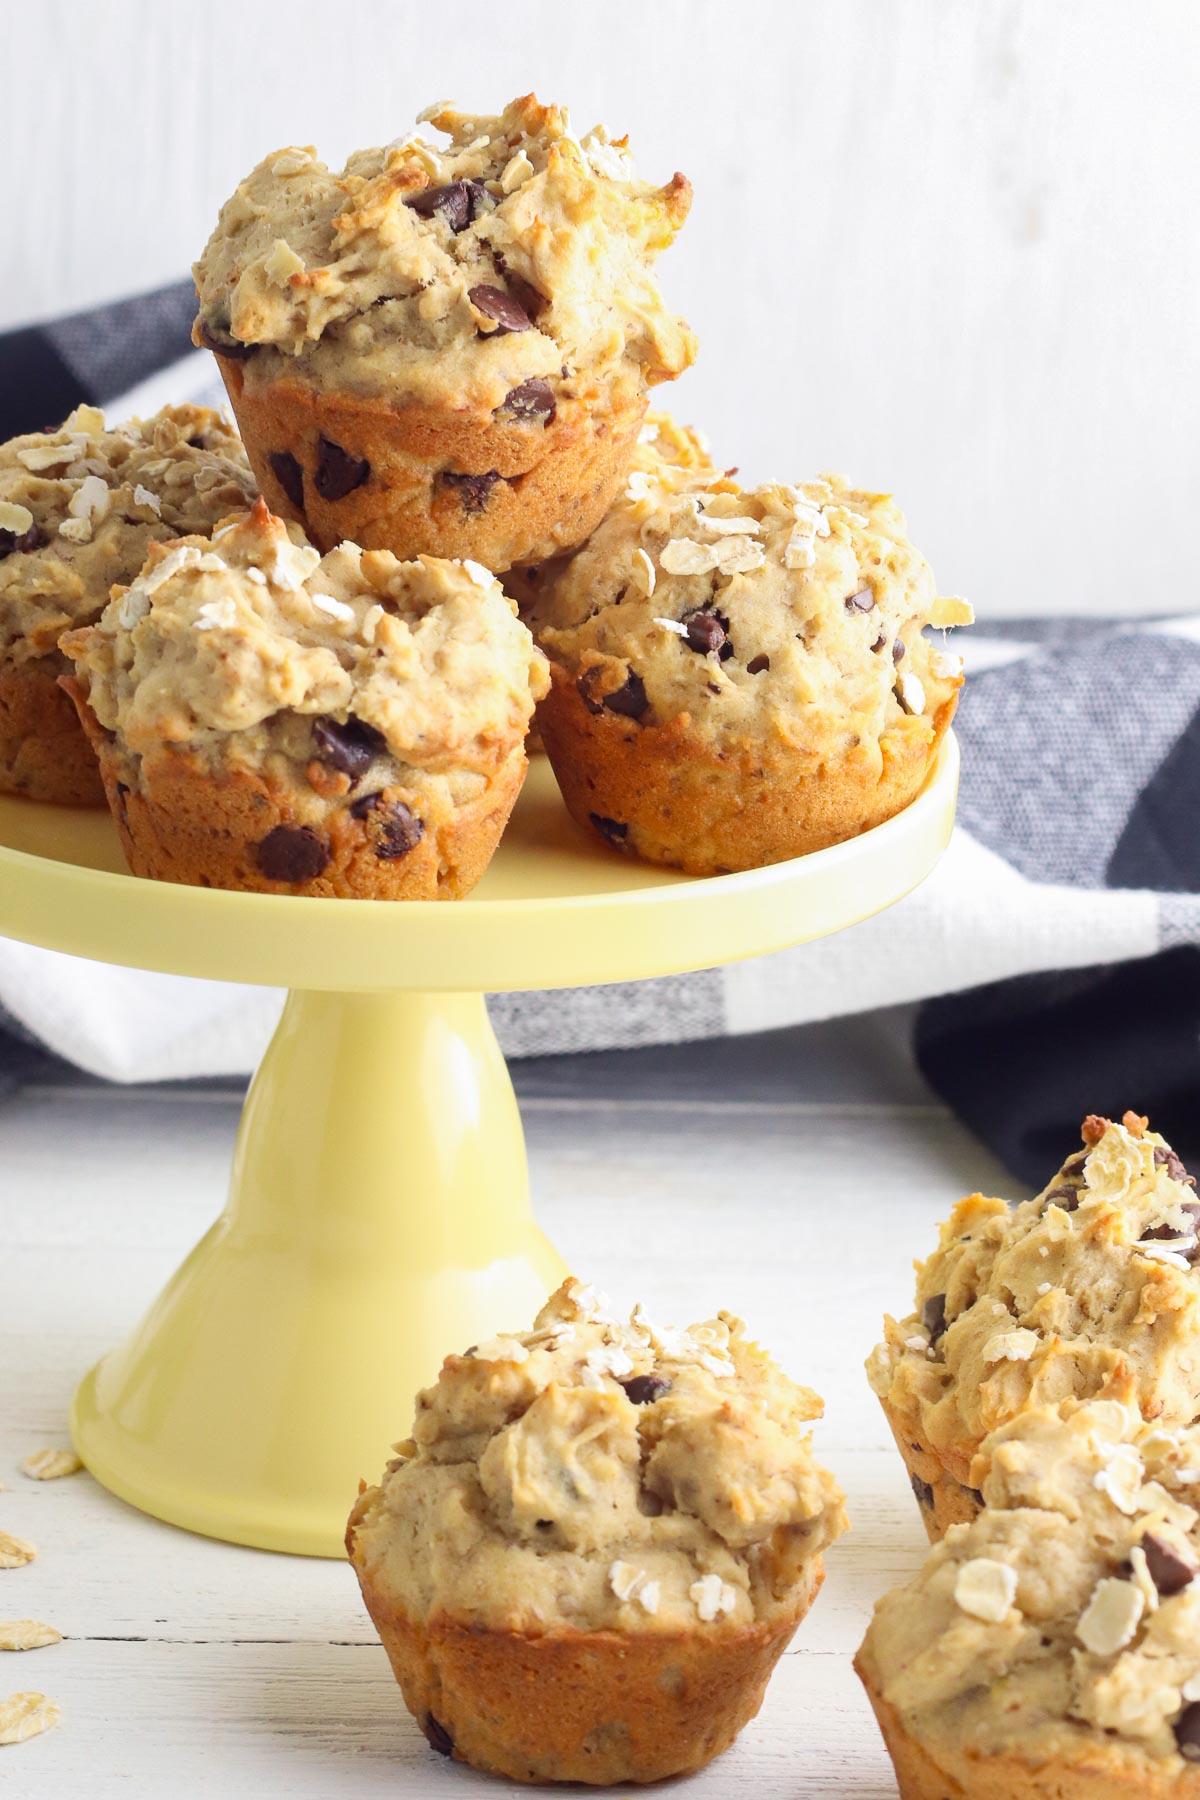 peanut butter banana muffins on pedestal